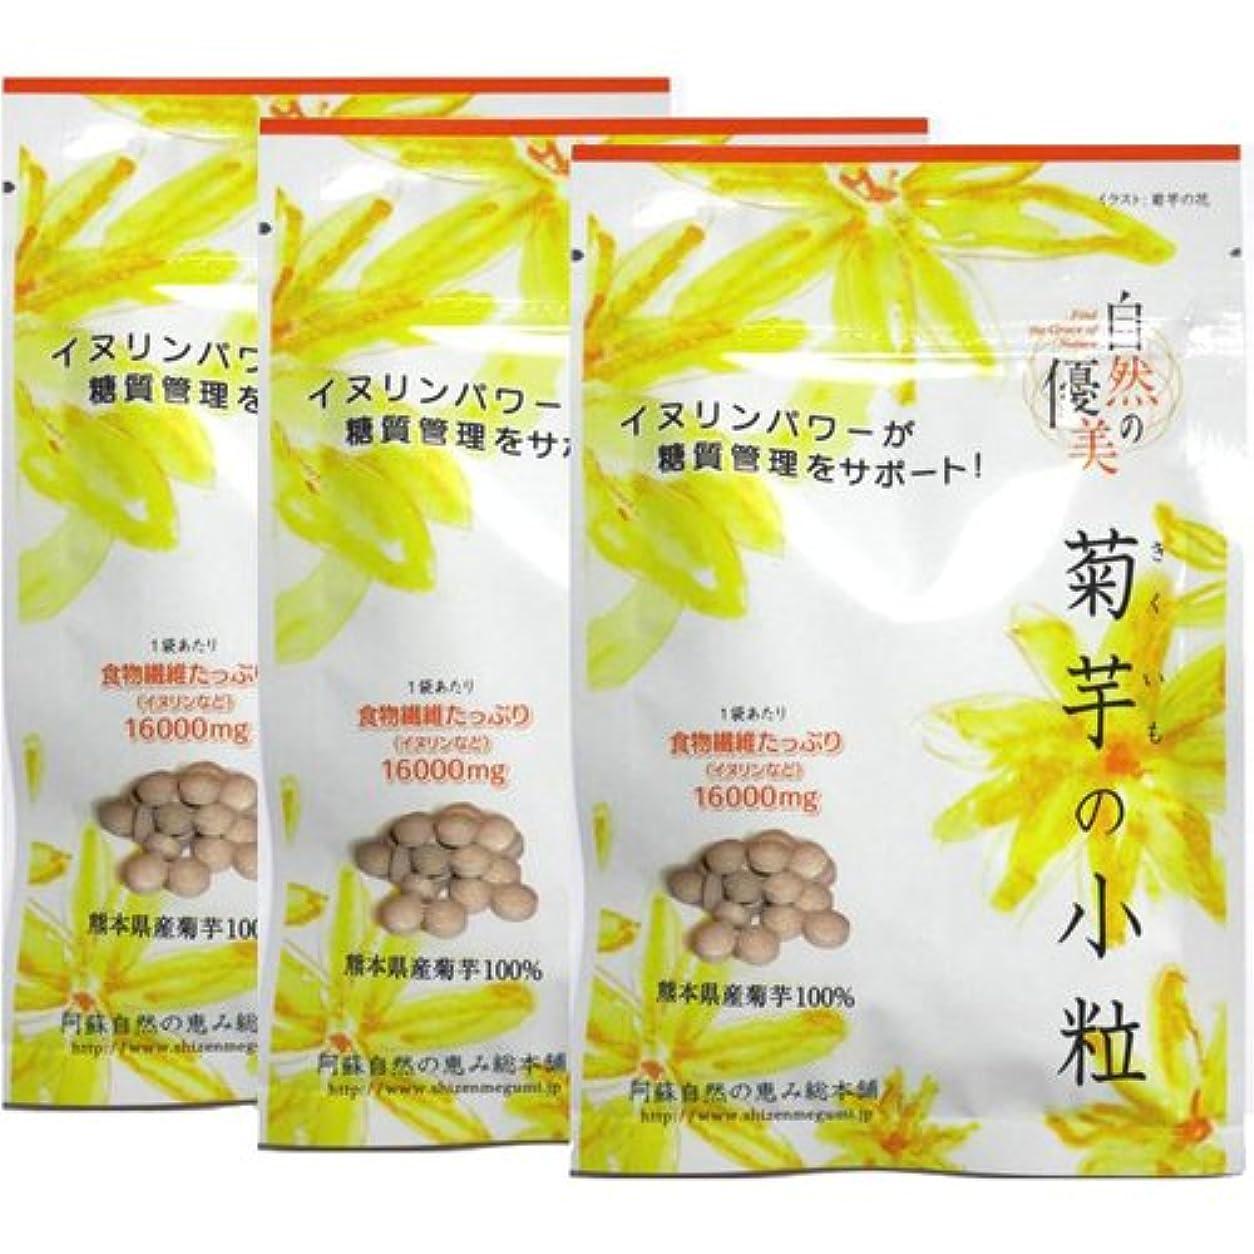 旅行代理店マニアック禁止する阿蘇自然の恵み総本舗 菊芋の小粒 100錠×3袋